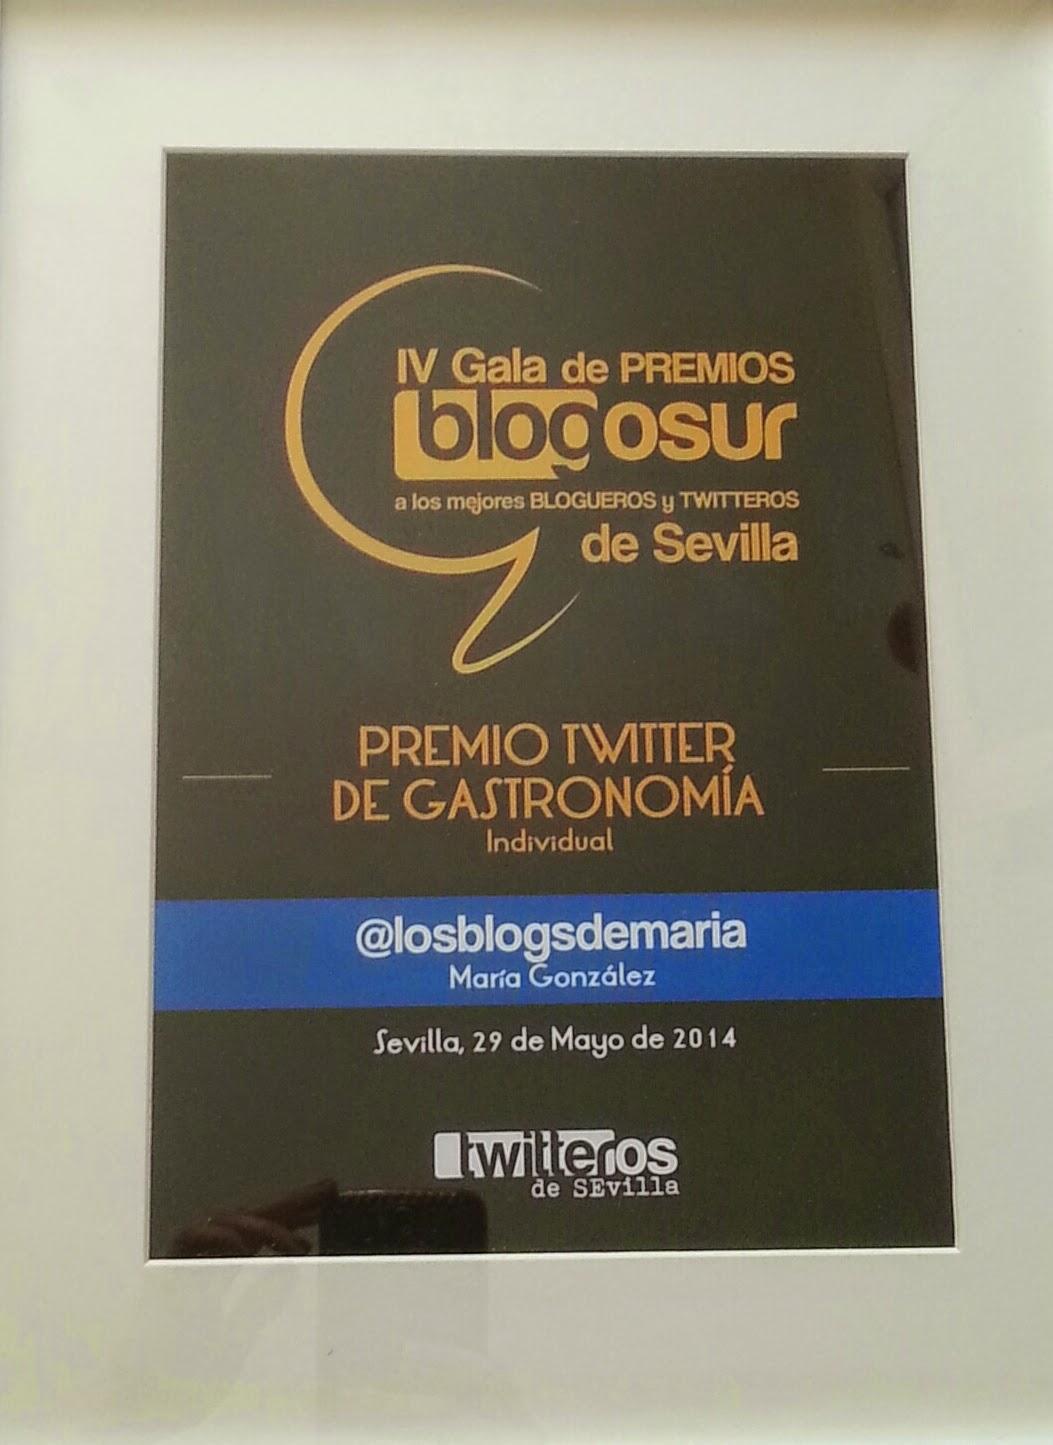 Premio Twitter de Gastronomía Individual